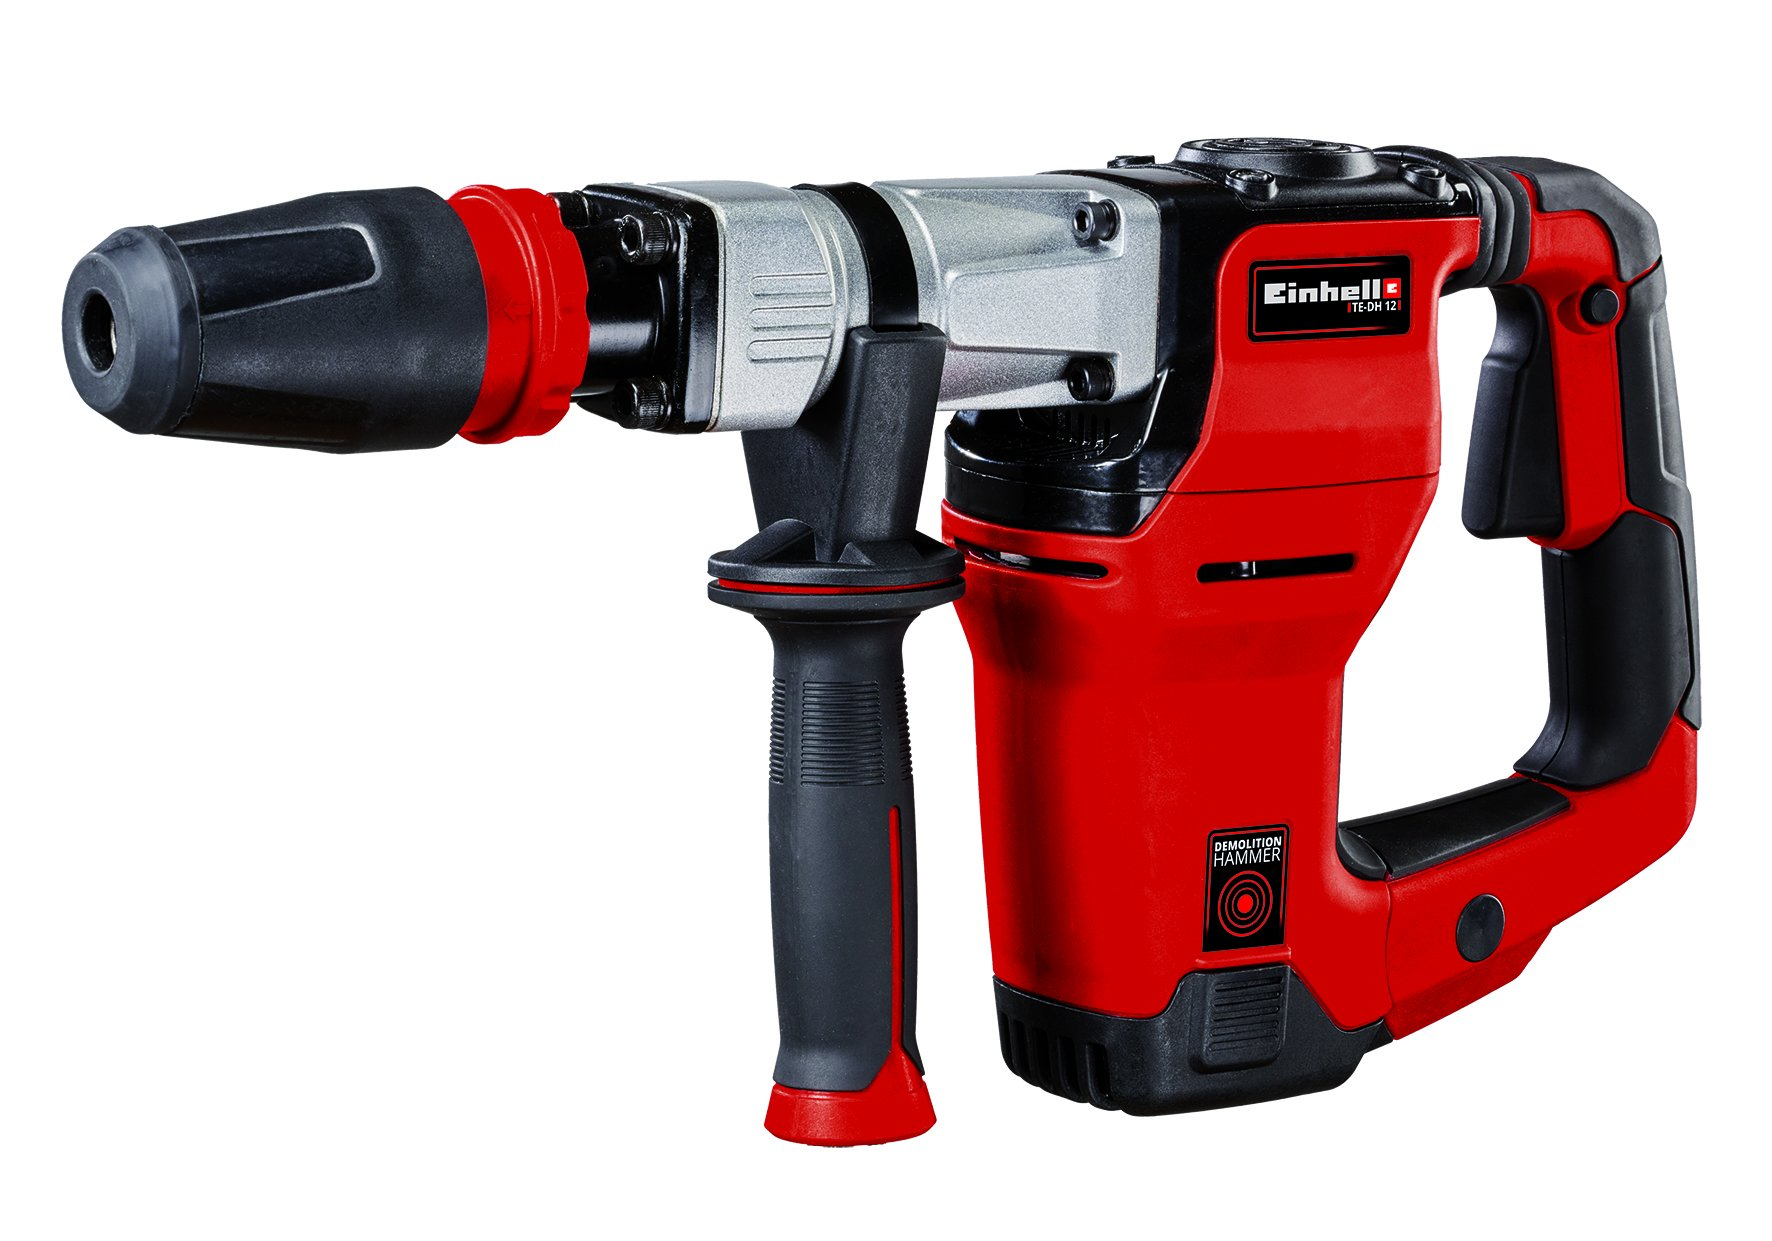 Einhell-Abbruchhammer-TE-DH-12-1050-W-Schlagzahl-4100-Umin-12-Joule-SDS-max-Werkzeugaufnahme-inkl-Spitz-und-Flachmeiel-inkl-E-Box